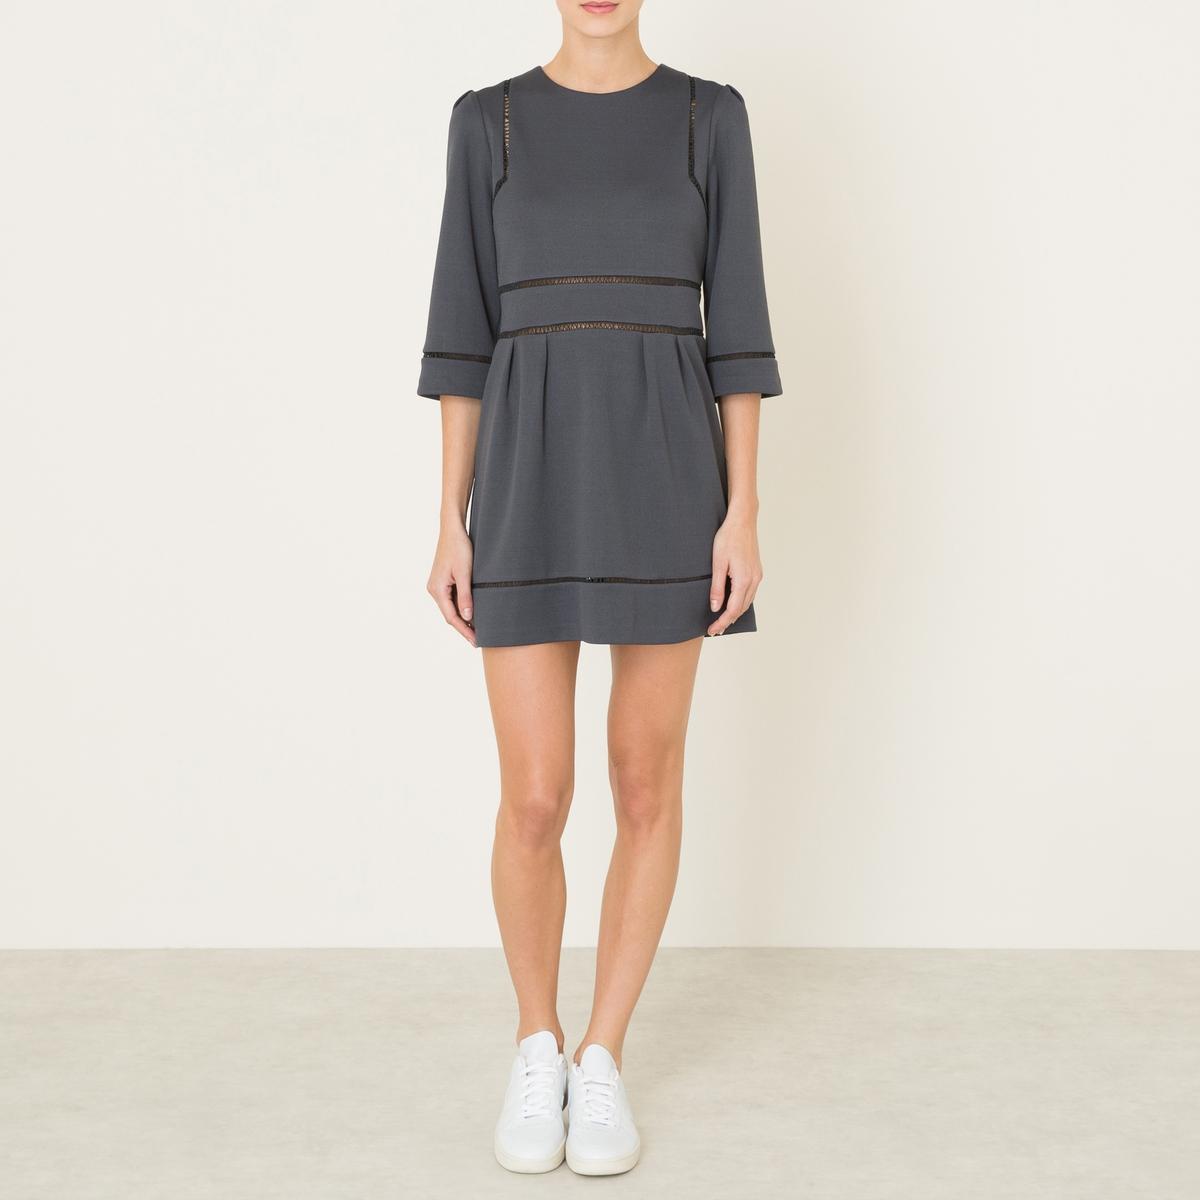 Платье с отделкой мережкойСостав и описание    Материал : 100% полиэстер   Длина : ок. 85 см. (для размера 36)   Марка : SISTER JANE<br><br>Цвет: серый